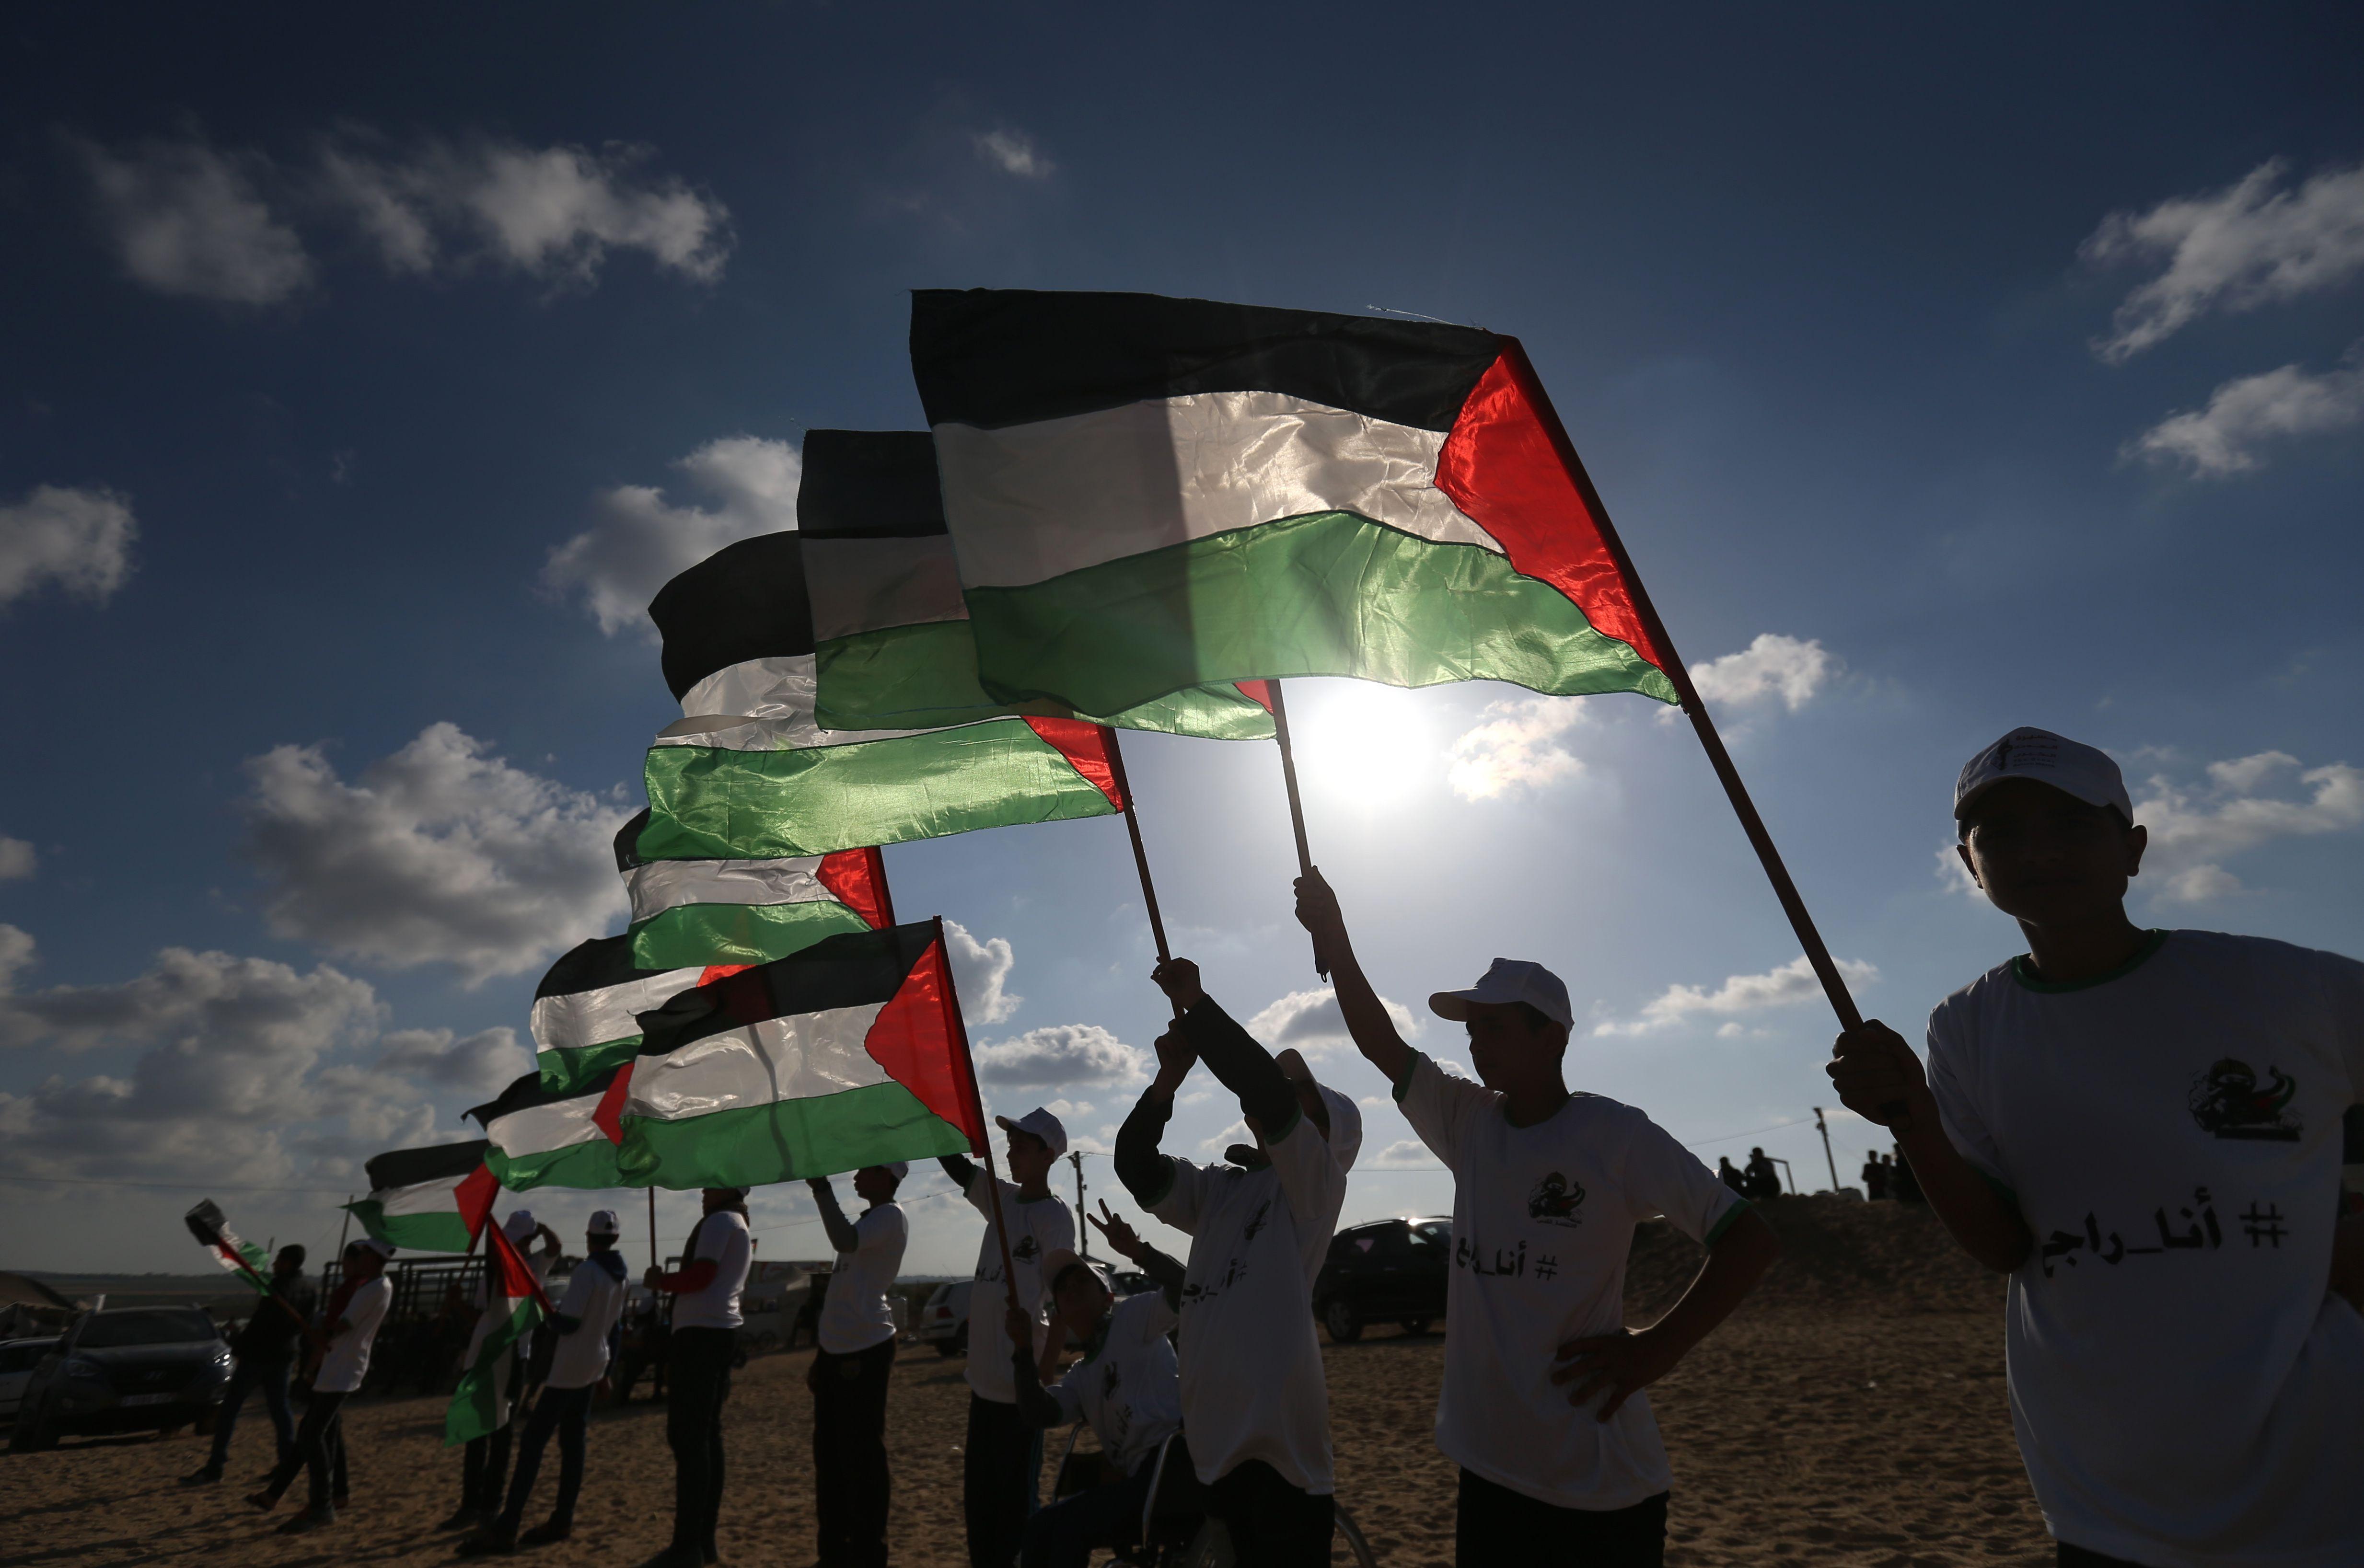 فلسطينيون يشاركون بجمعة الأعلام